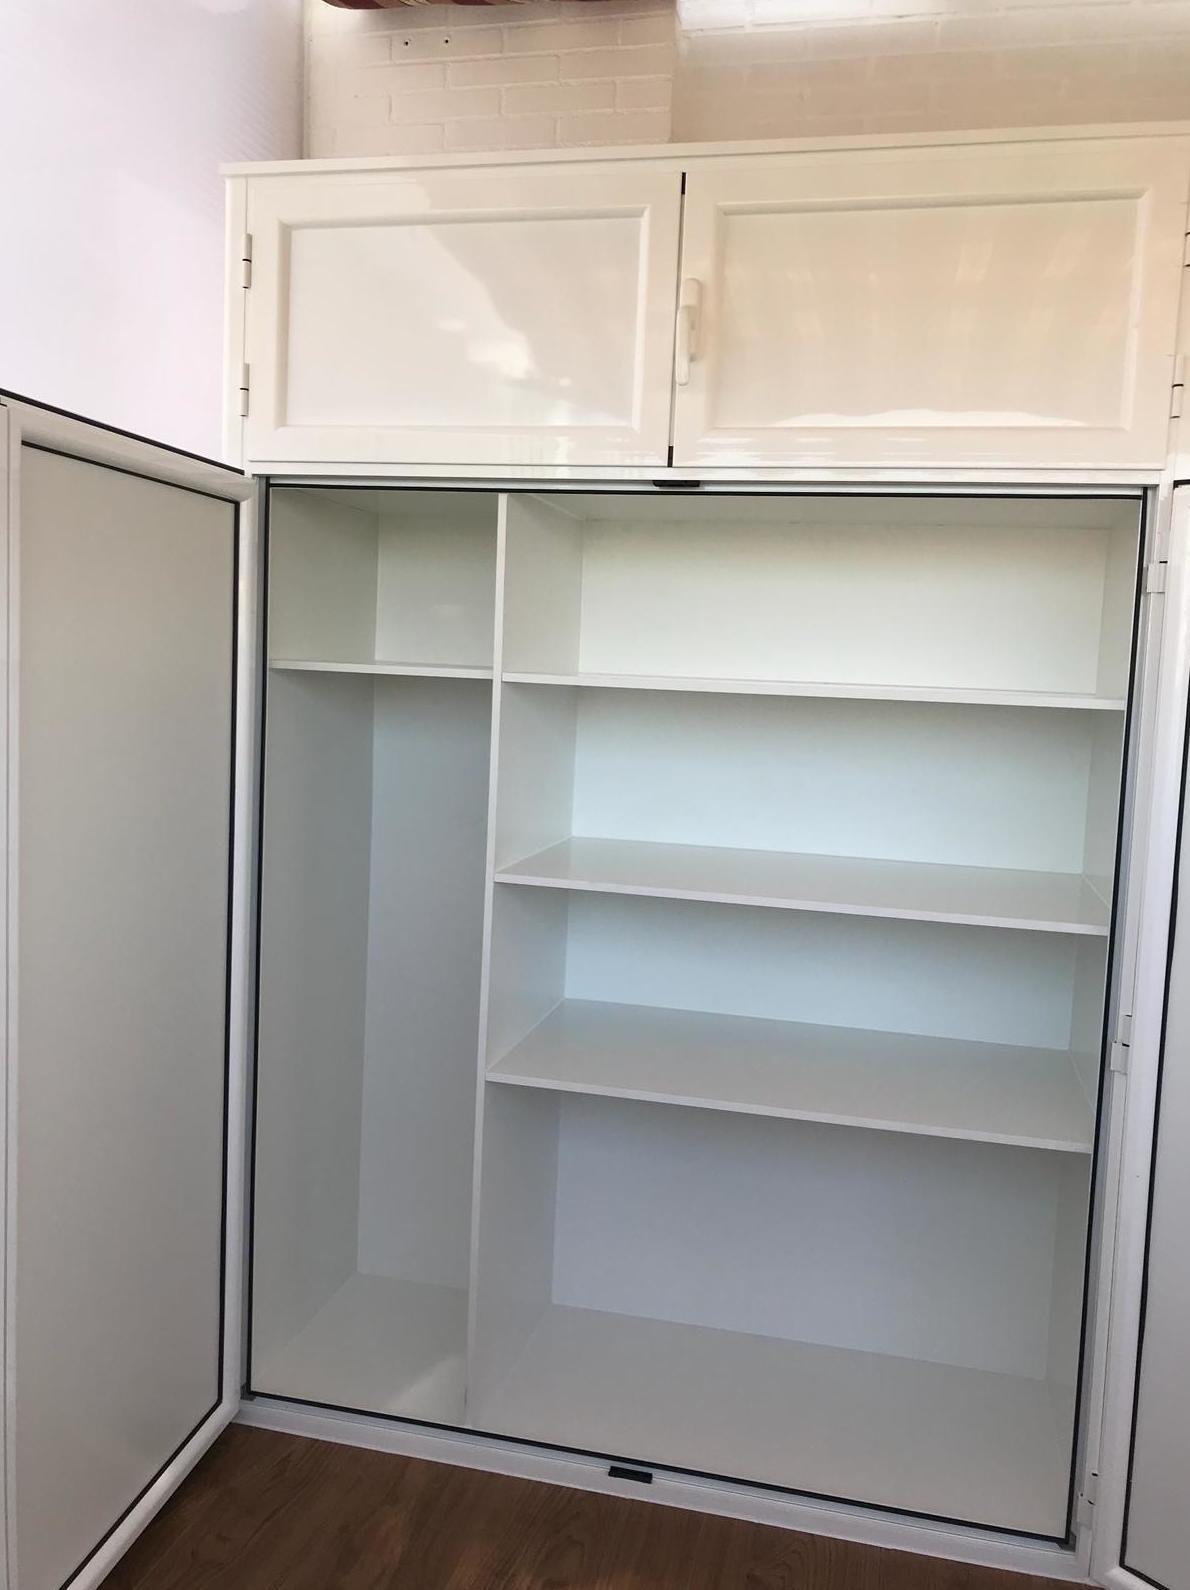 armario de dos hojas abatible con maletero e interior forrado con baldas